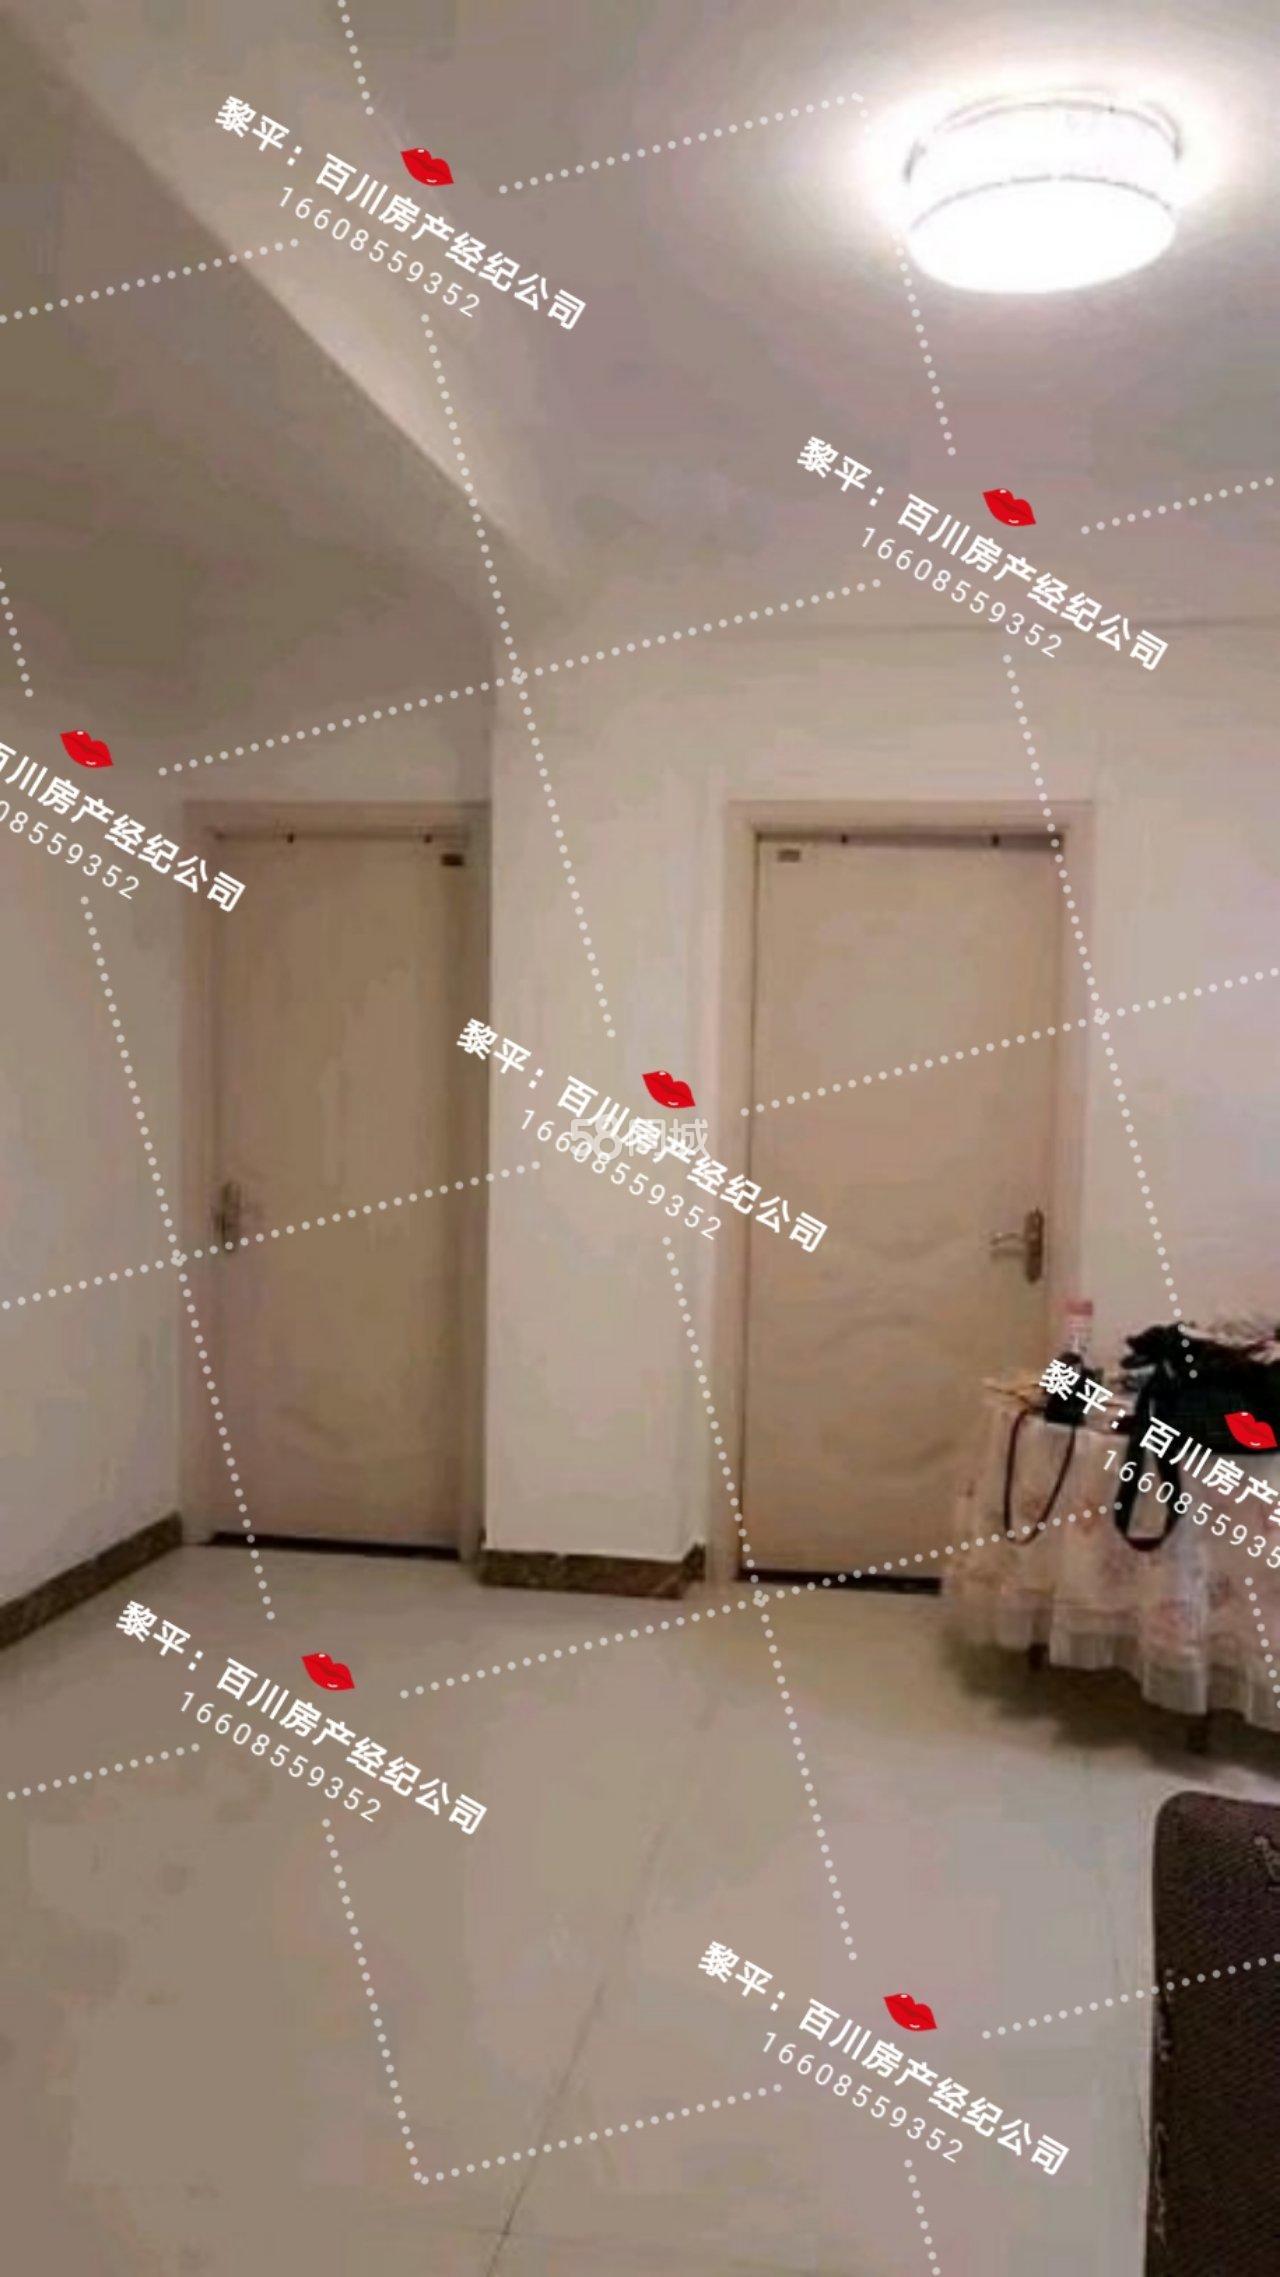 聚富广场3室2厅2卫